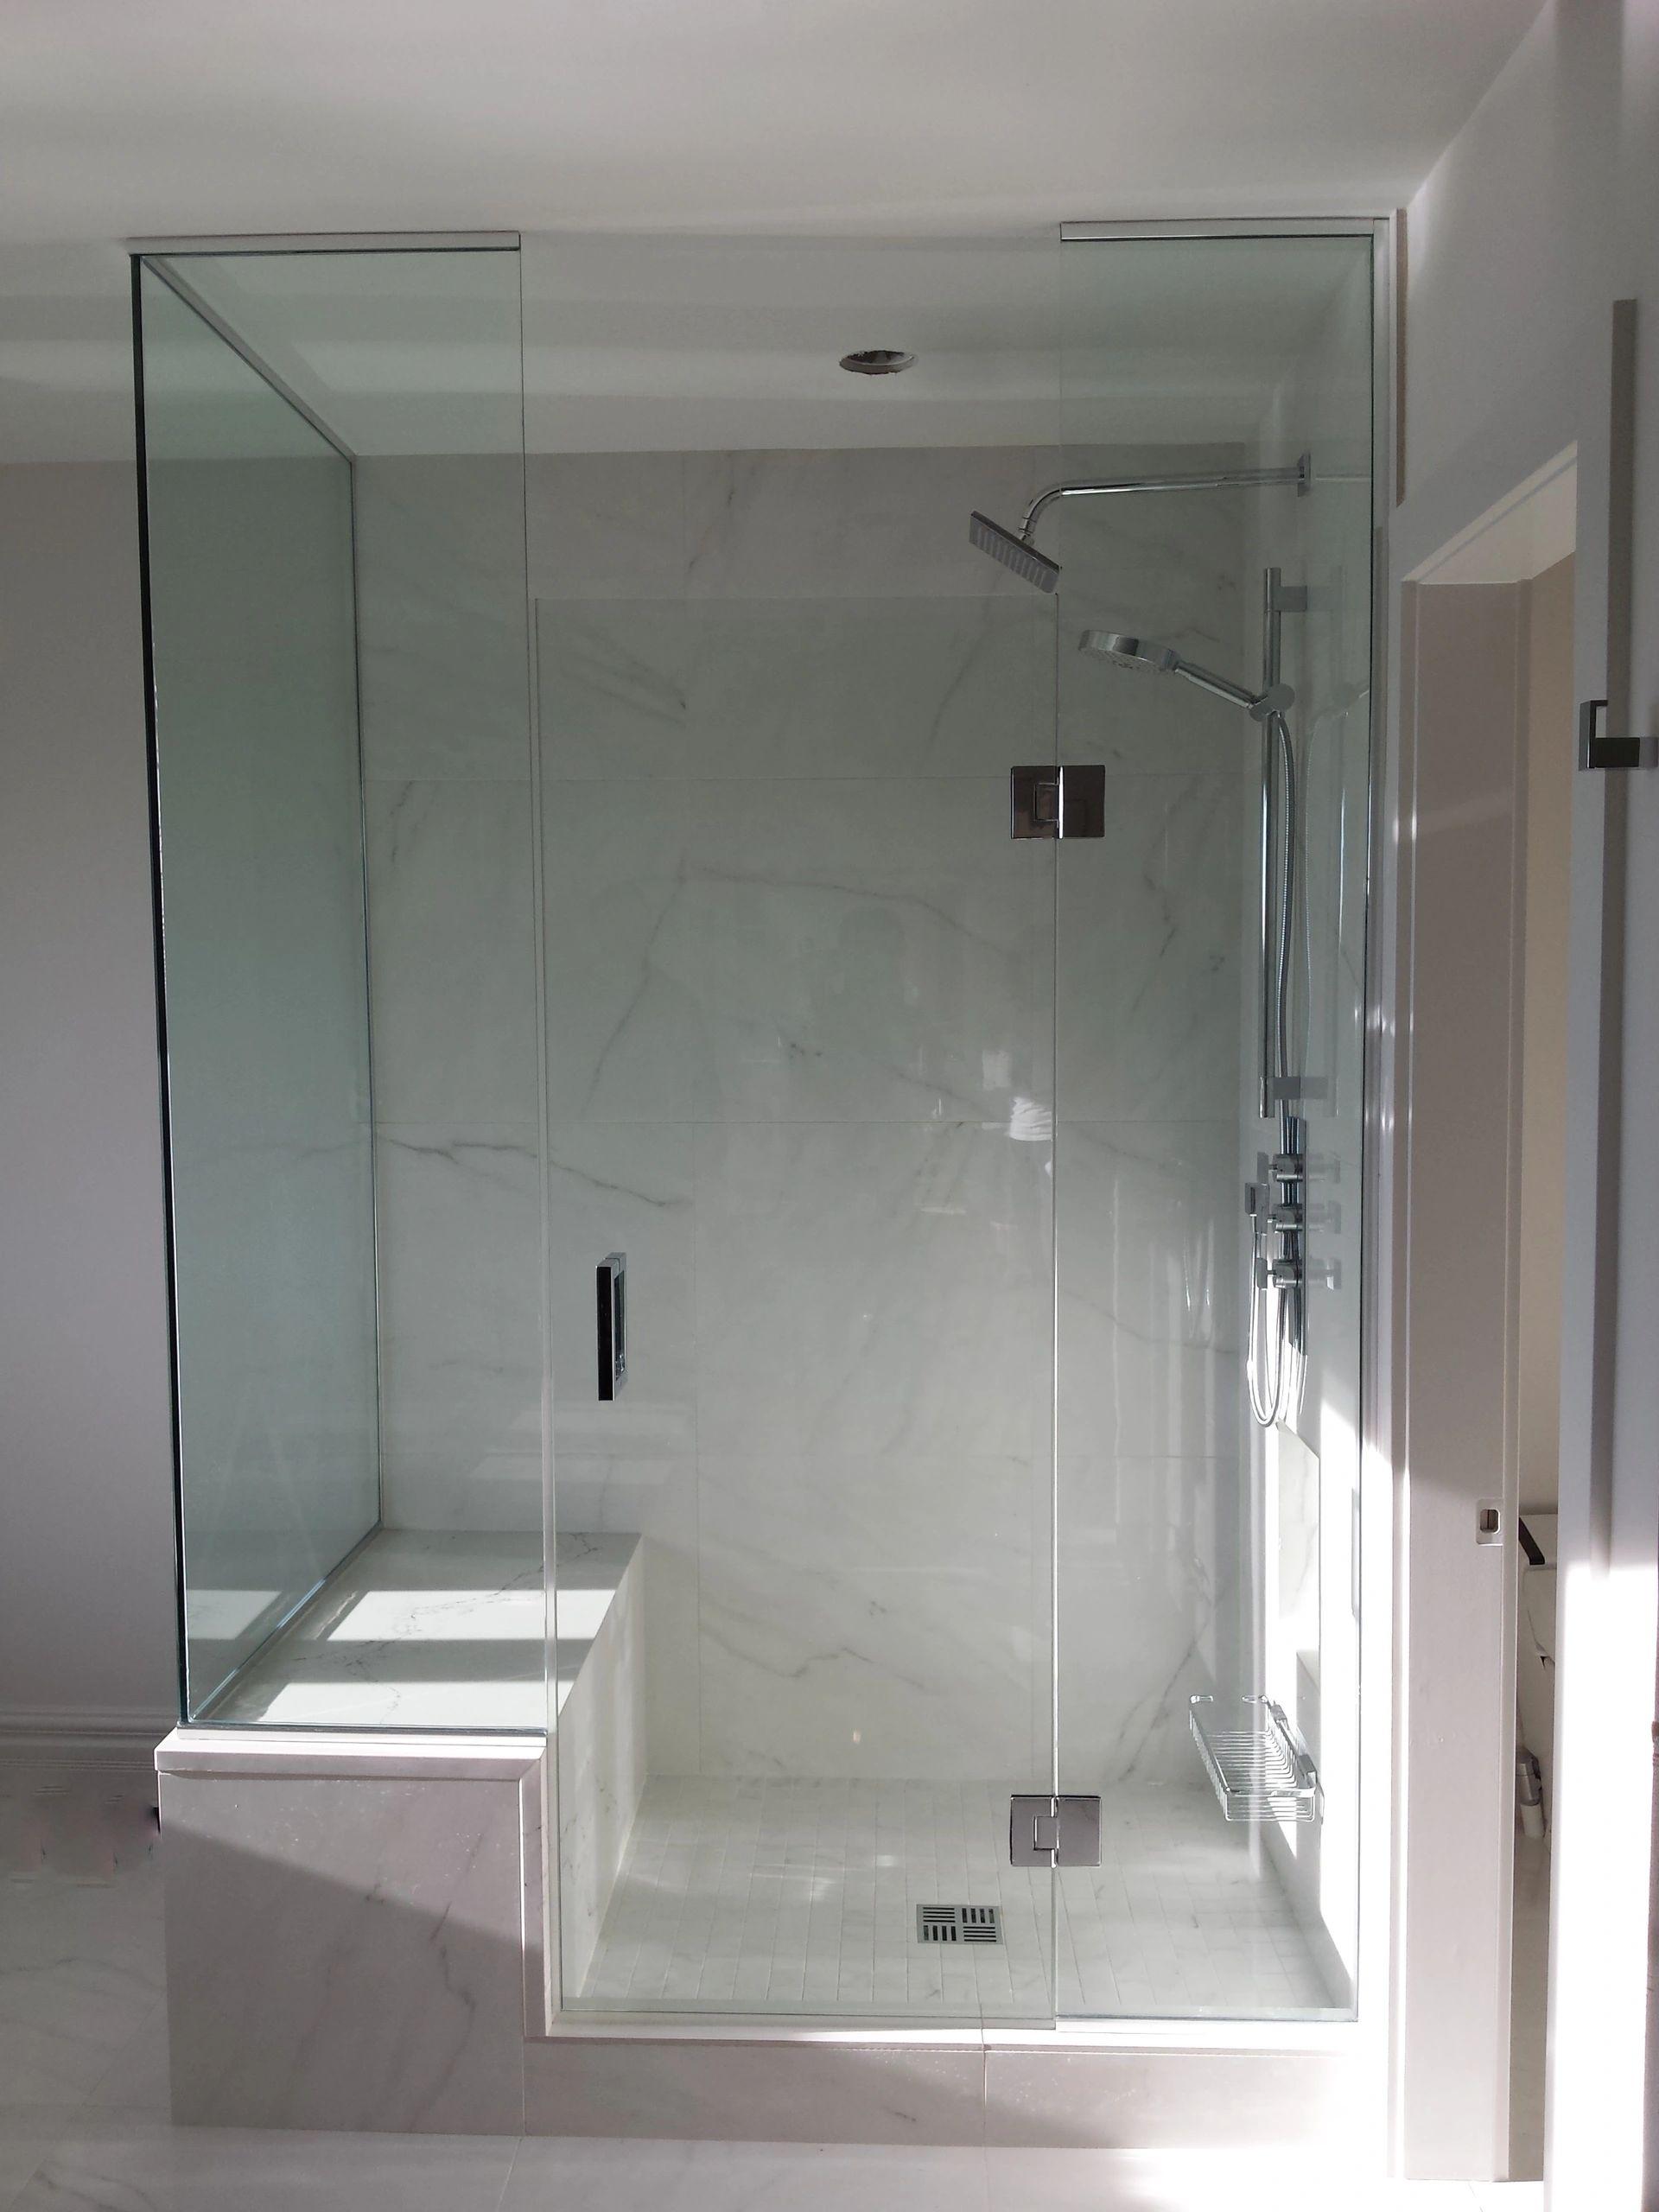 Shower Glass, Mirrors - Taurus Glass Installations